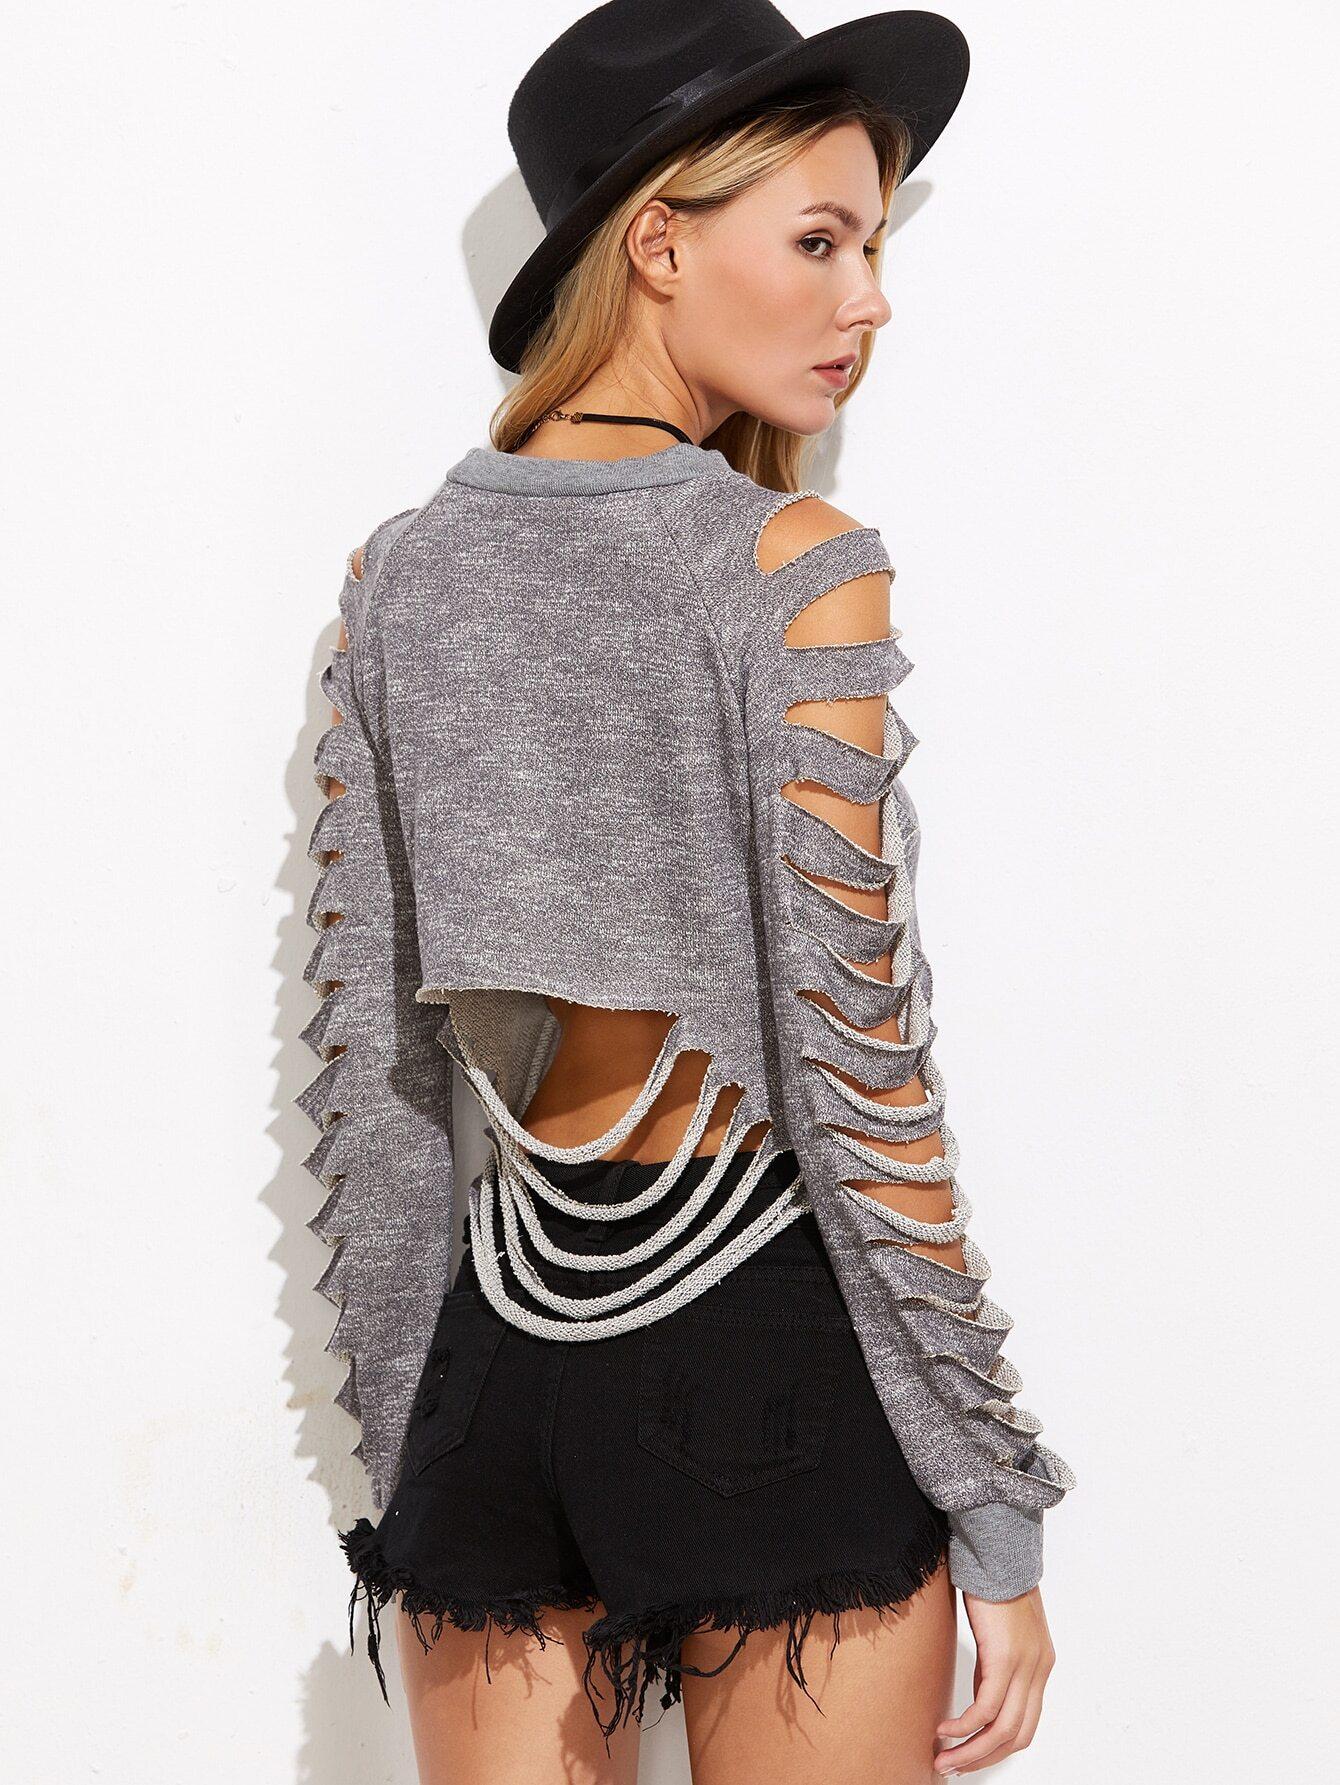 sweatshirt161108301_2